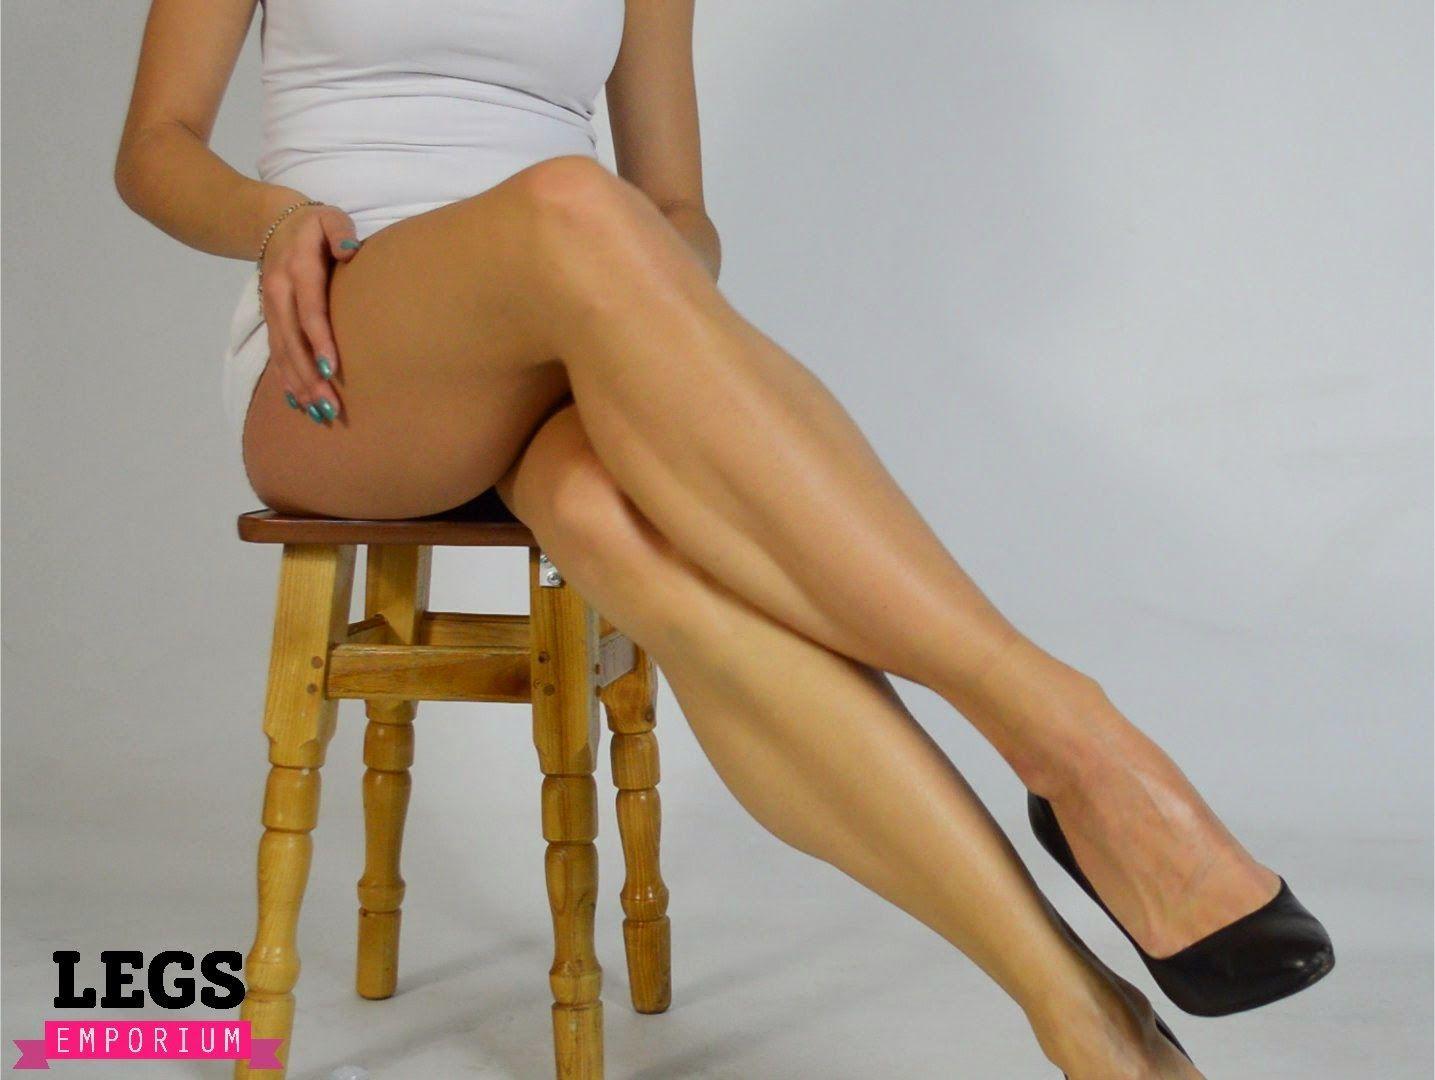 Legs Emporium: Posing Directory - Legs Crossed or Crossed ...